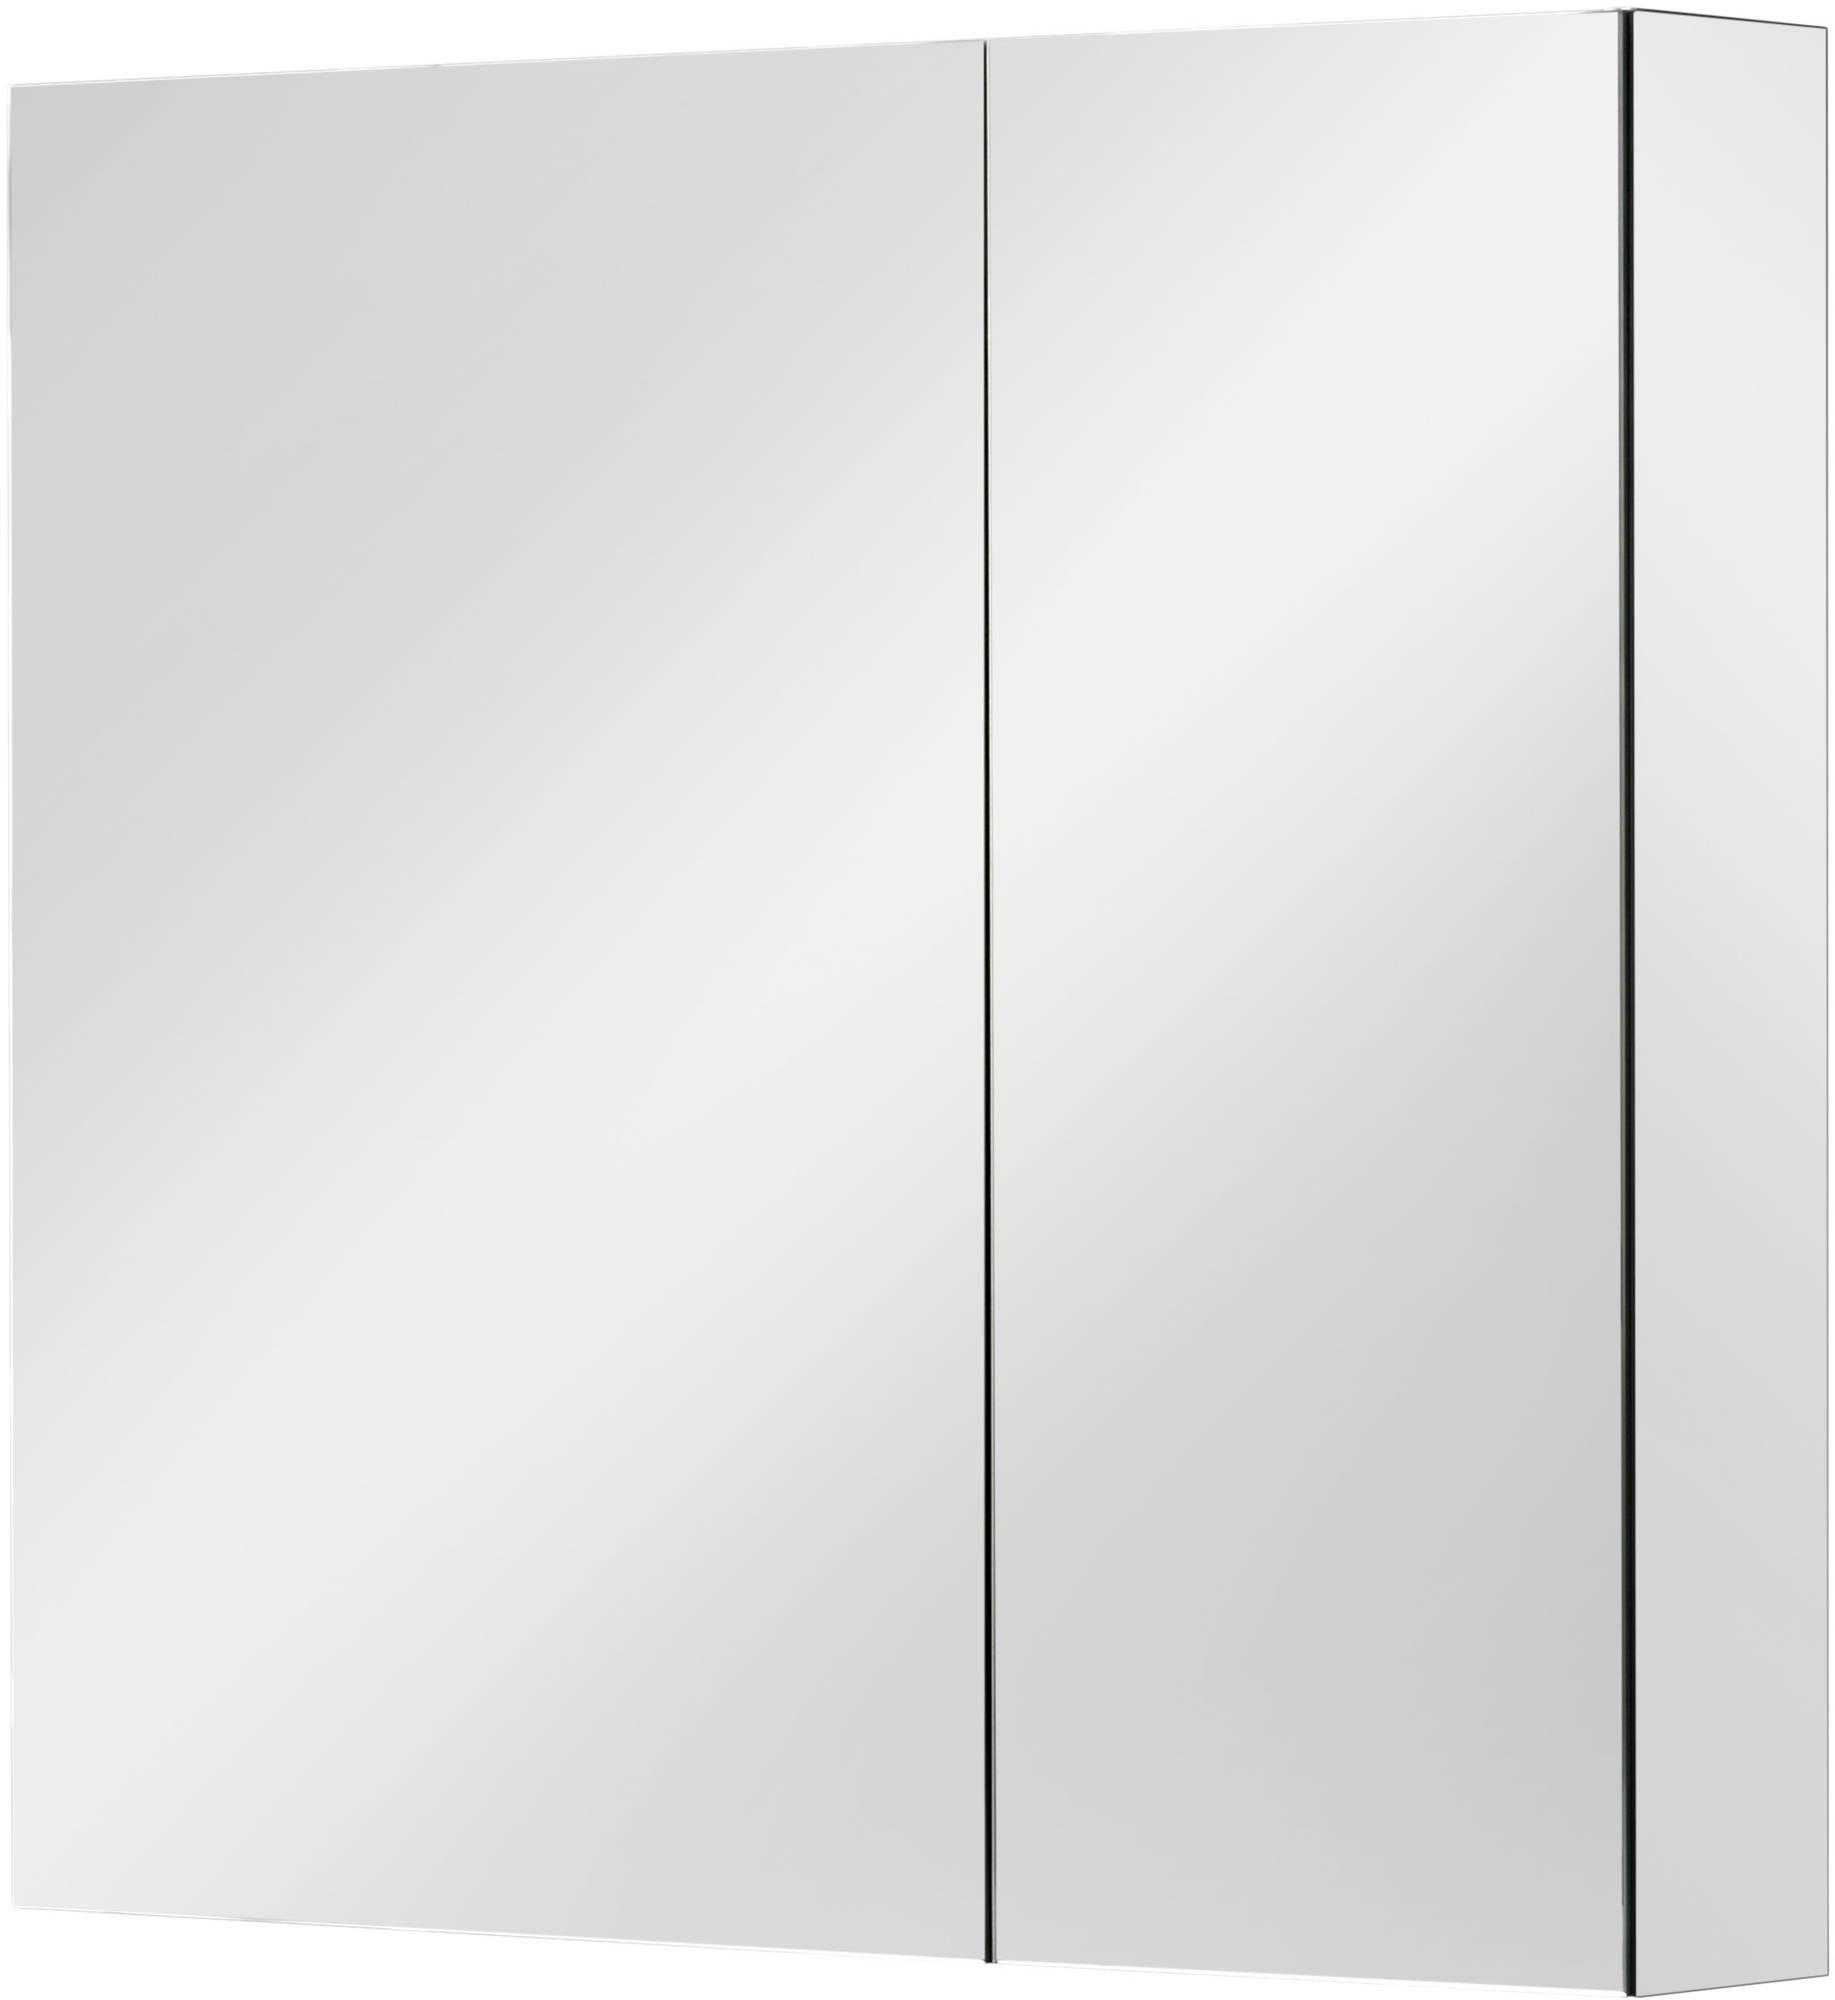 Ben Vario spiegelkast,2 ongelijke delen,links,80x14x75cm, spiegelmelamine omtrokken zijpanelen